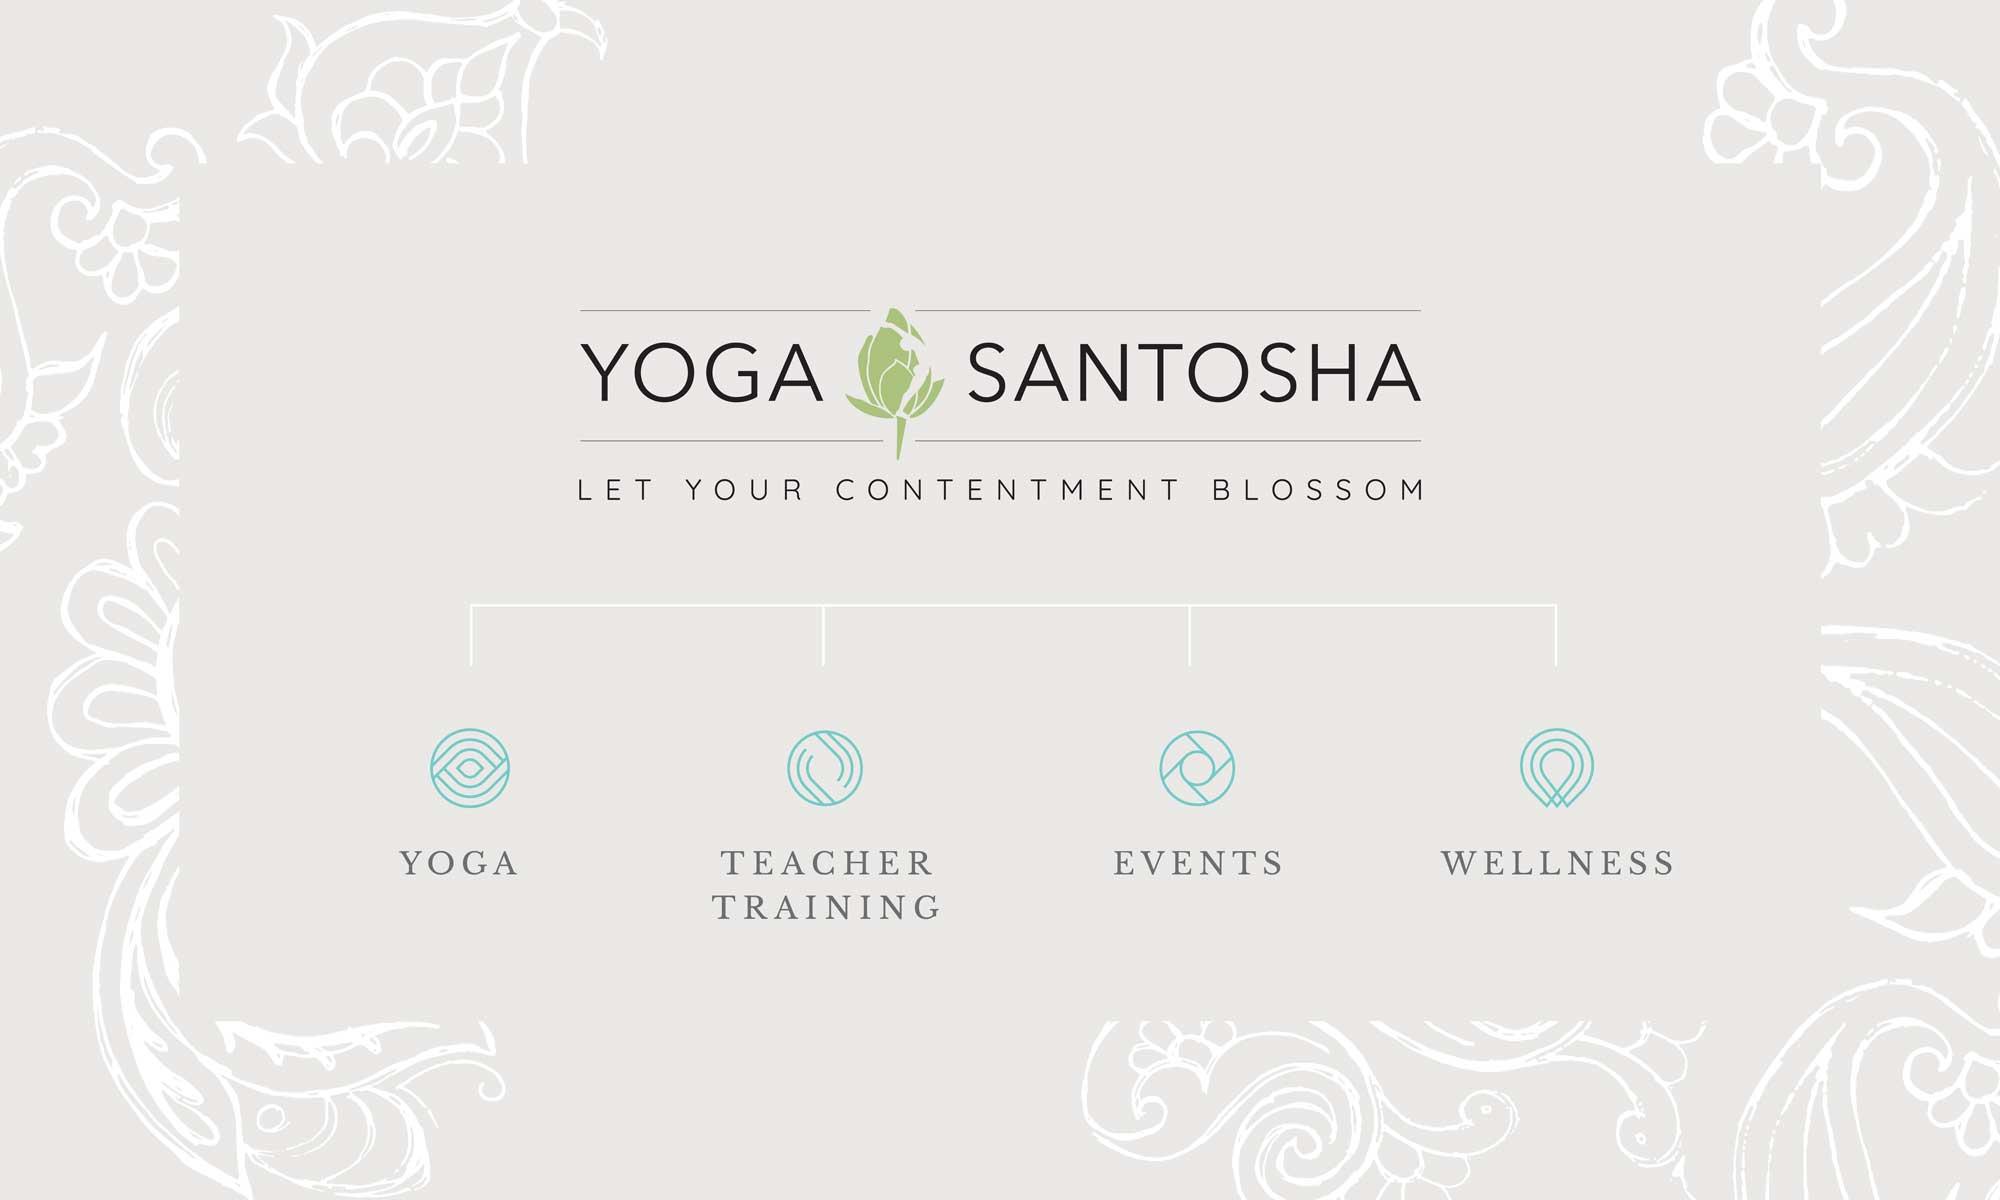 Yoga Santosha brand evolution